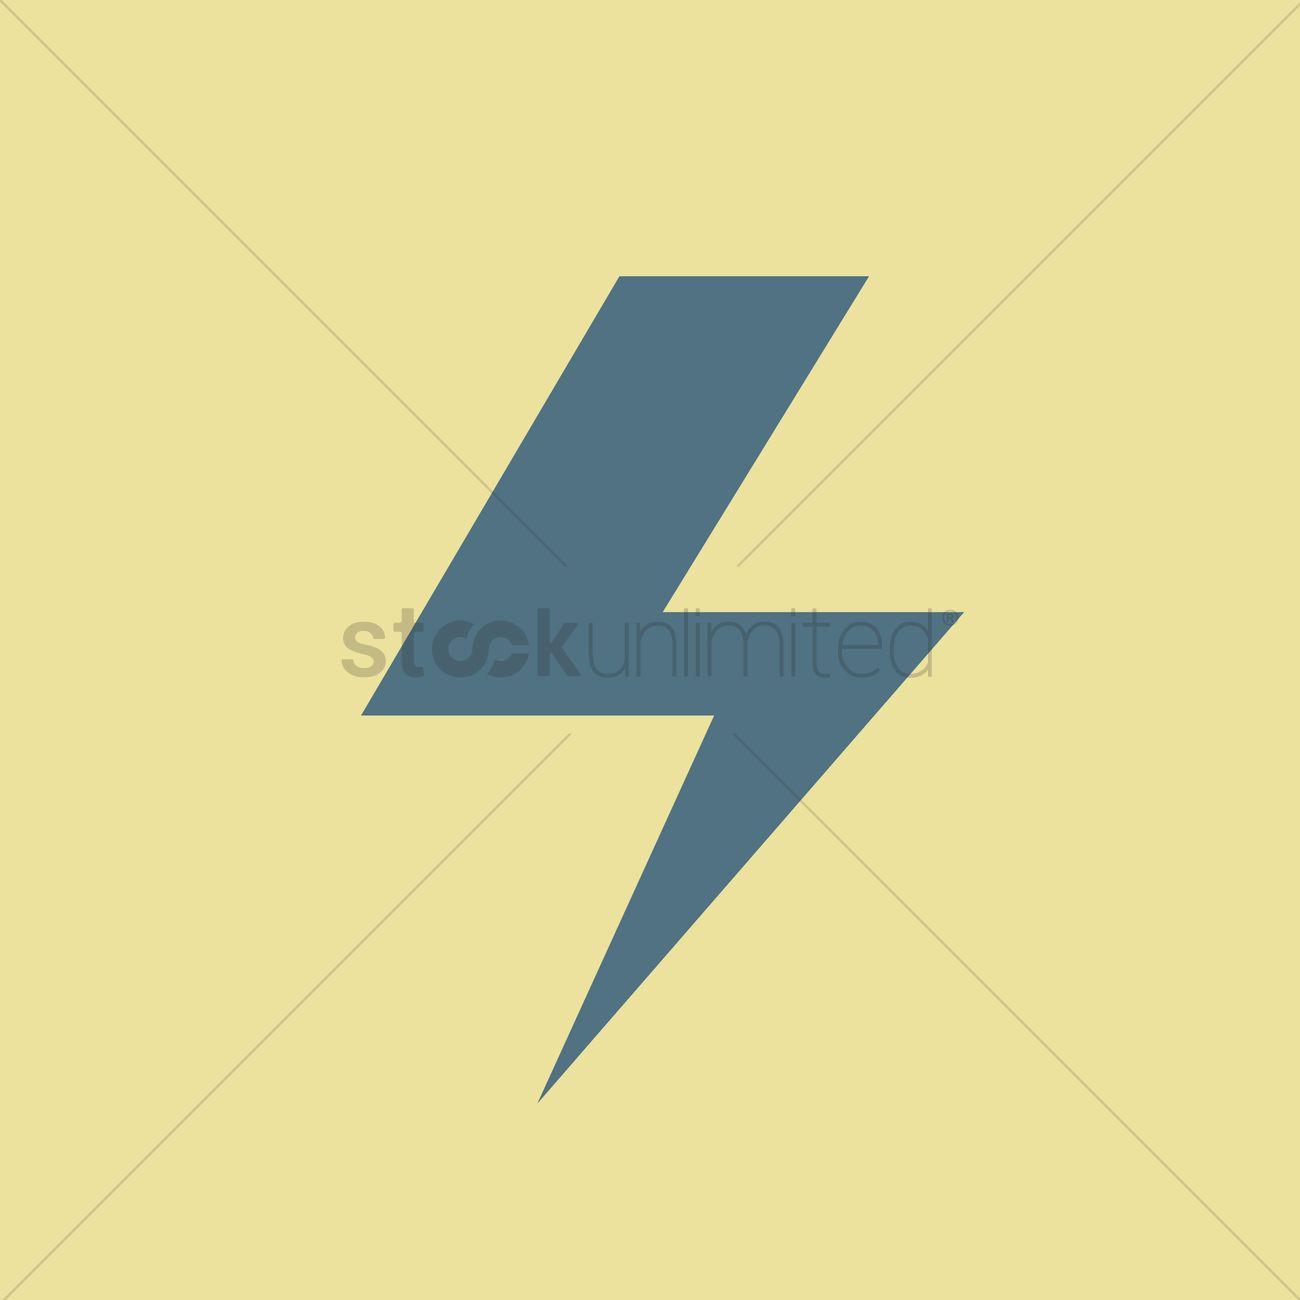 High voltage symbol vector image 1335814 stockunlimited high voltage symbol vector graphic buycottarizona